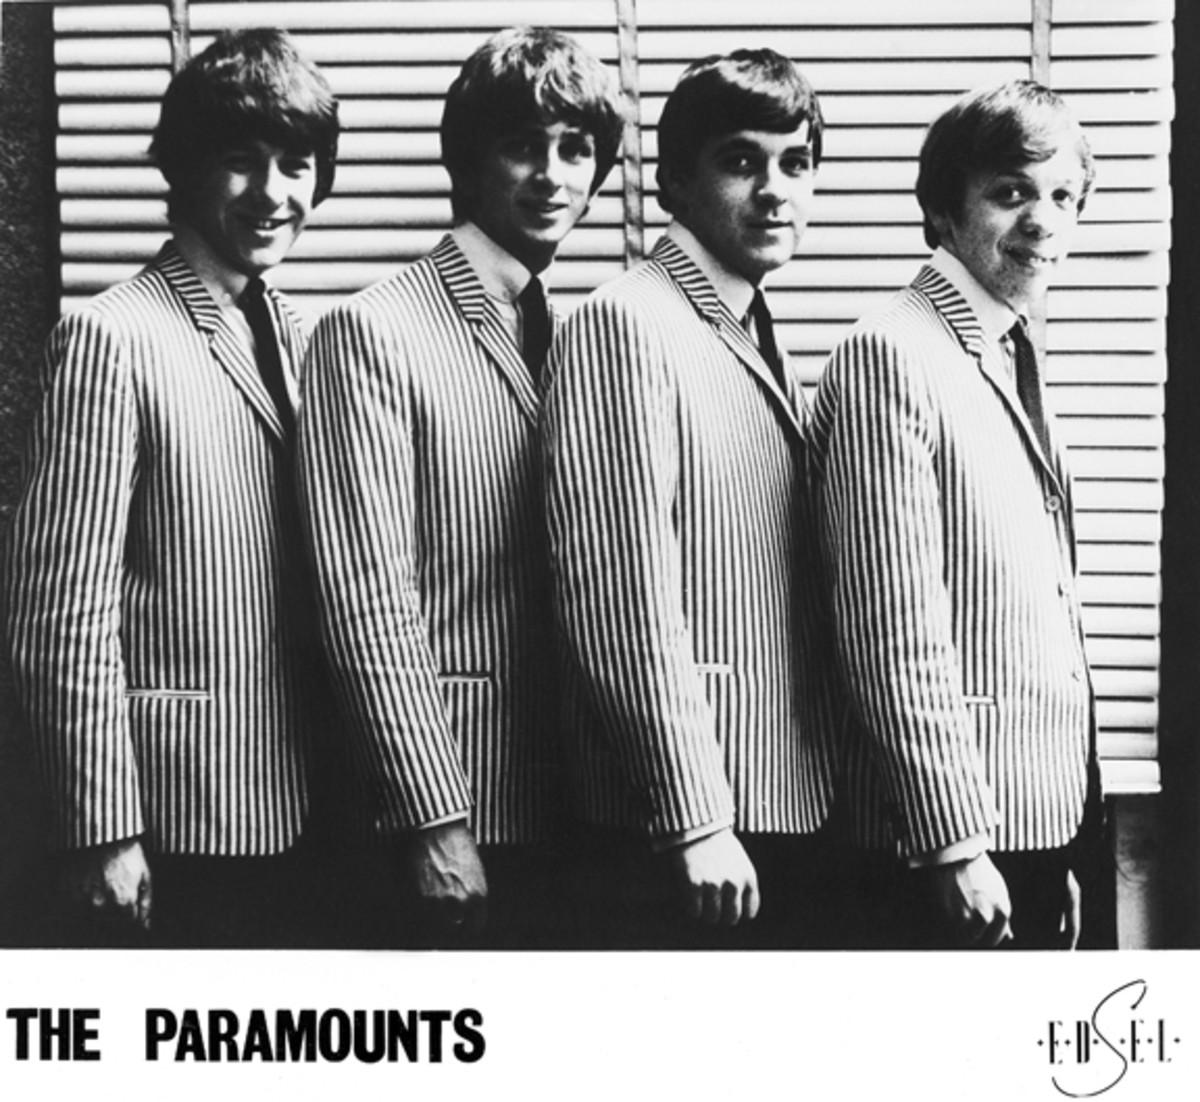 The Paramounts